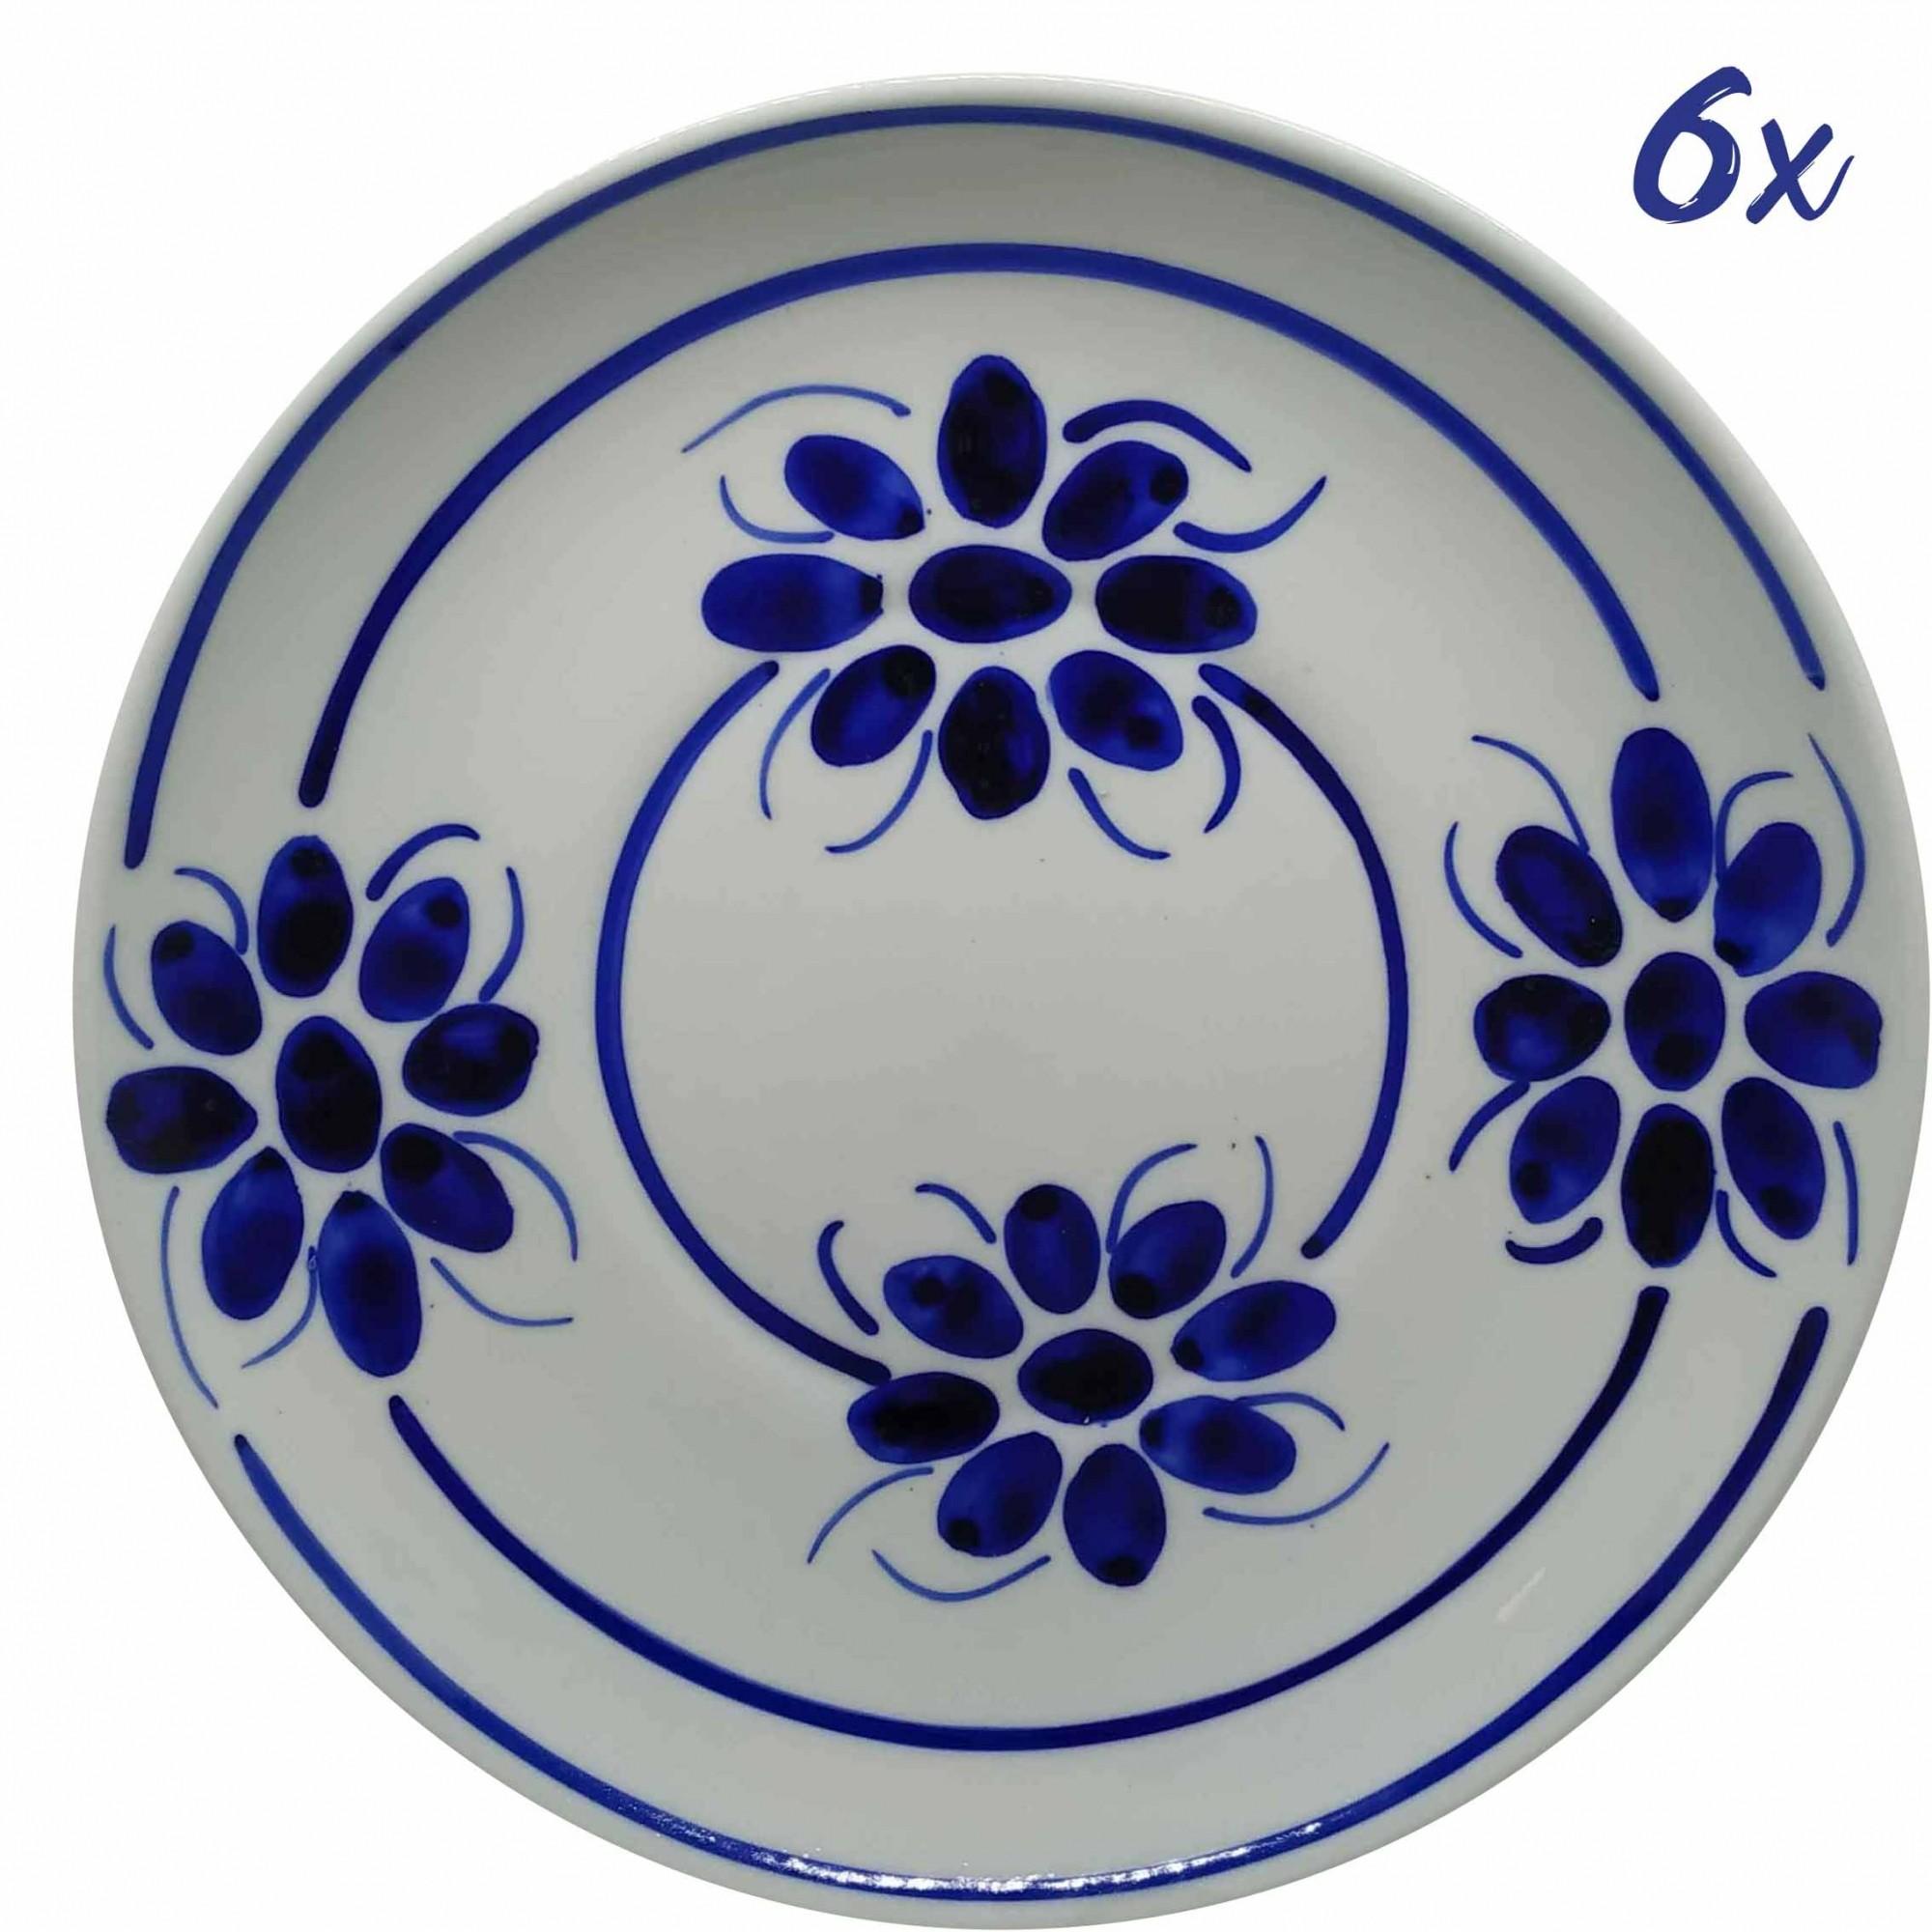 Jogo de 6 Pratos Rasos 26,5 cm Porcelana Azul Floral